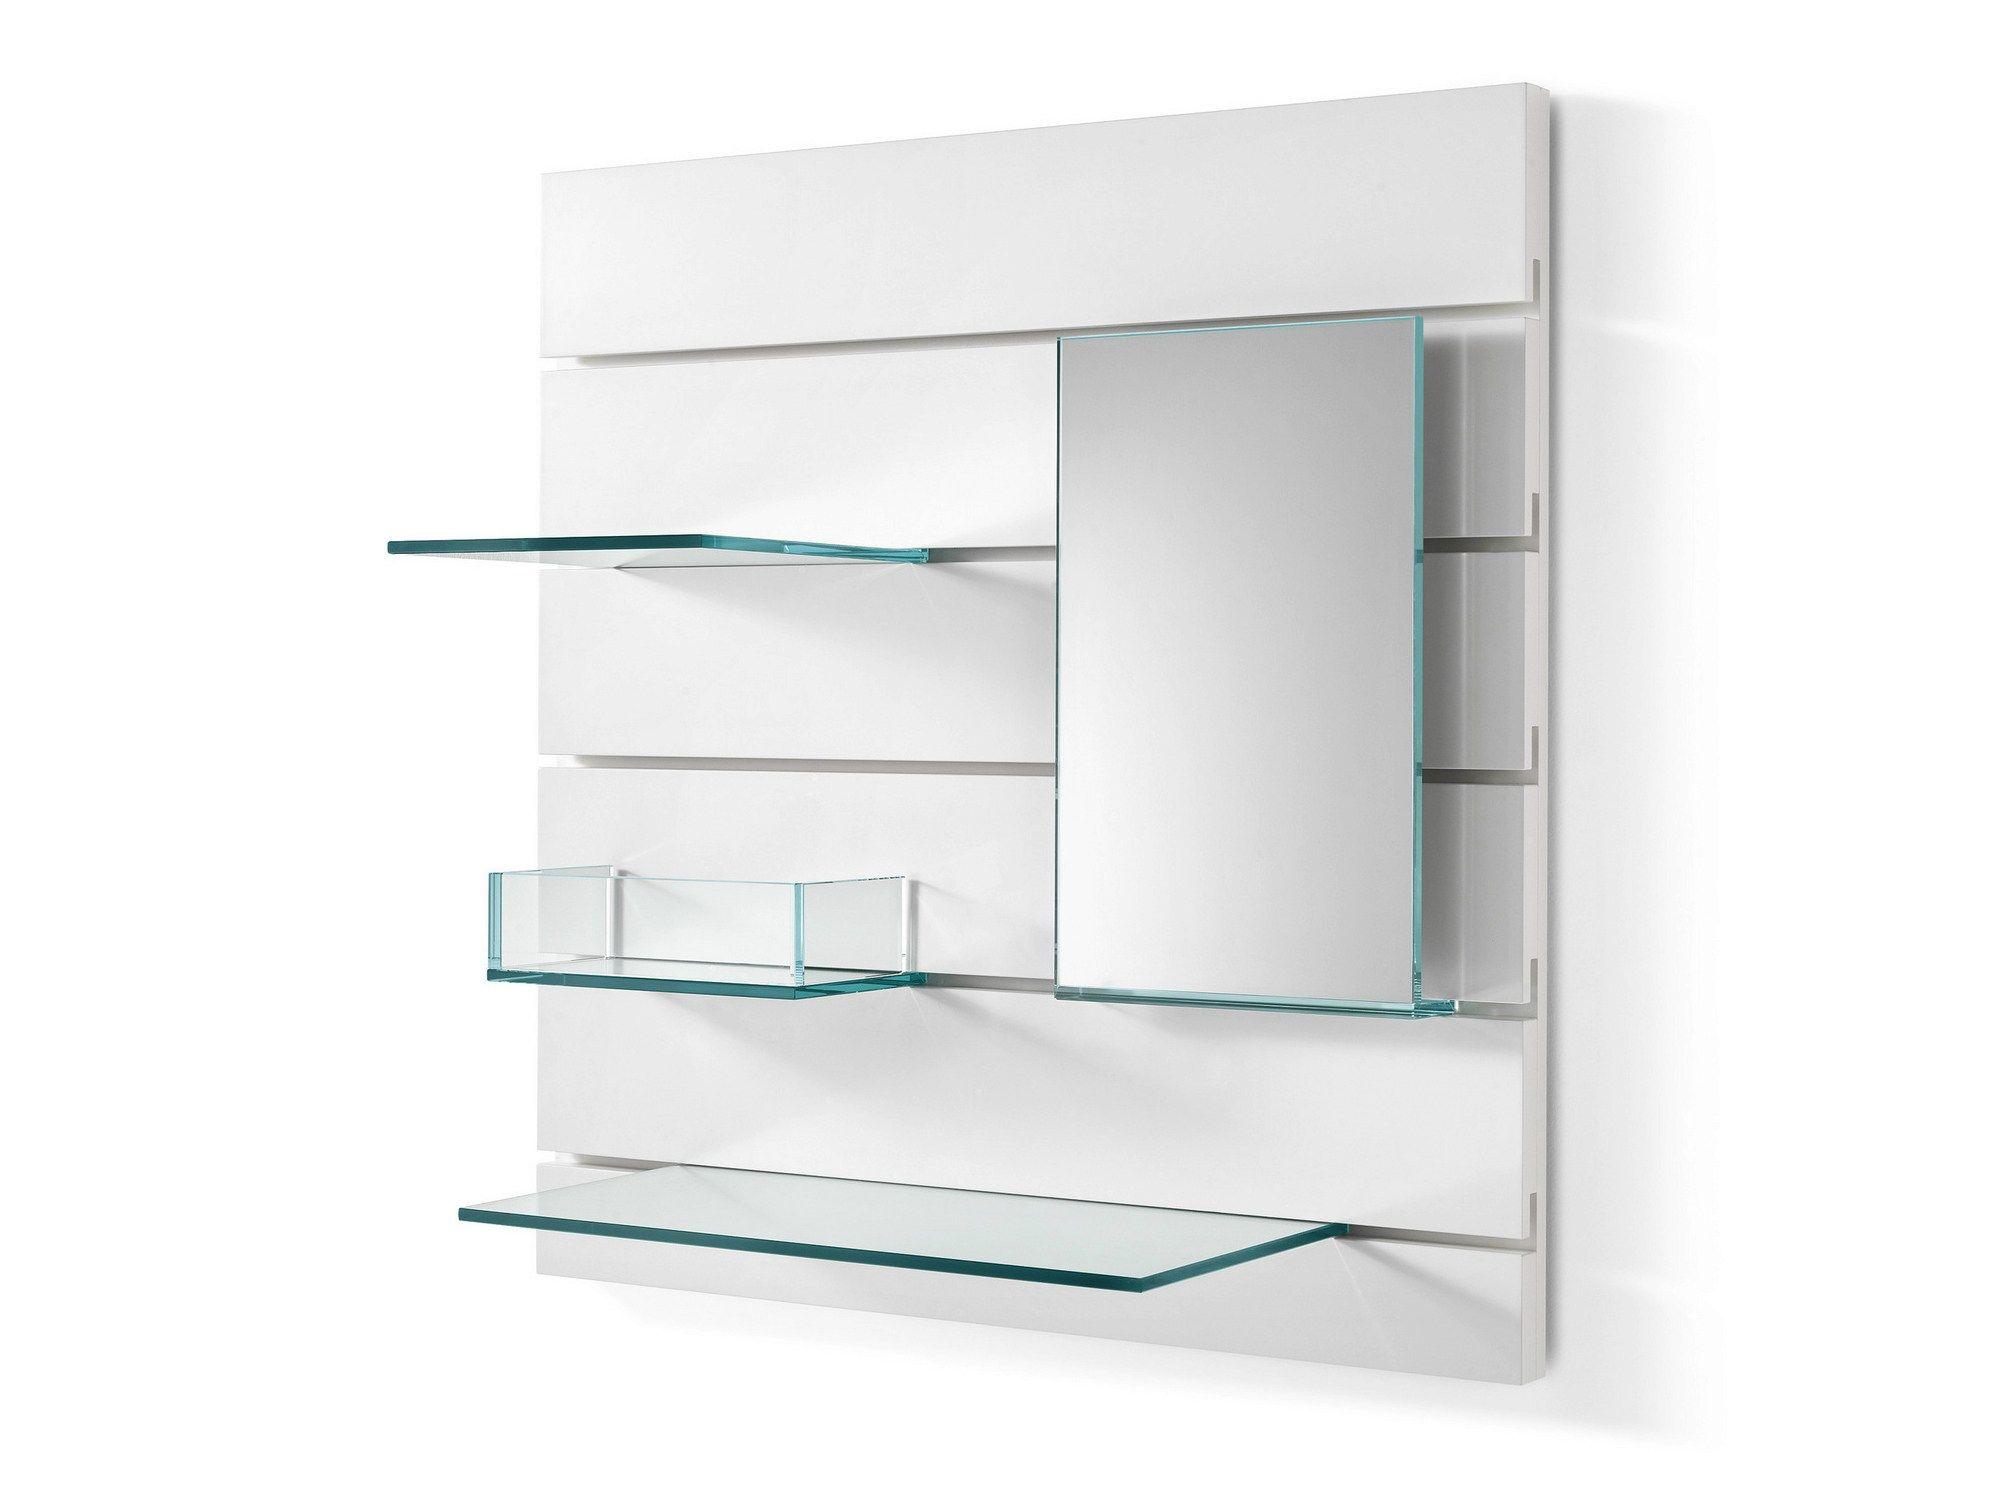 Espejo Estante De Vidrio In Fila By Td Tonelli Design Dise